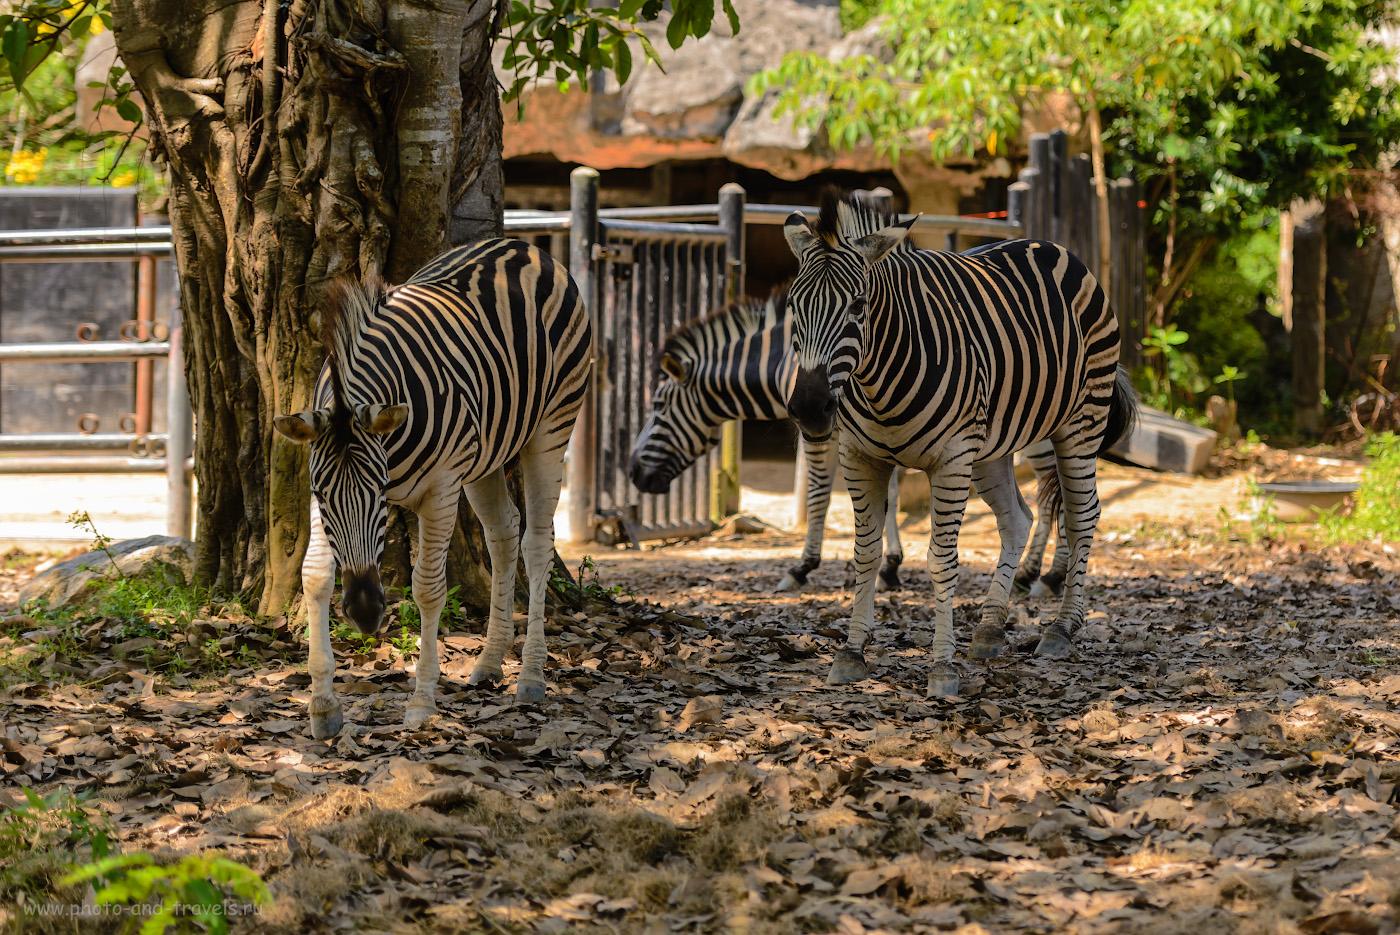 Фото 11. Зебры в зоопарке Khao Kheow Open Zoo. Стоит ли ехать сюда на экскурсию с детьми. Отзывы об отдыхе в Паттайе в октябре месяце. 1/500, +0.33, 2.8, 180, 100.